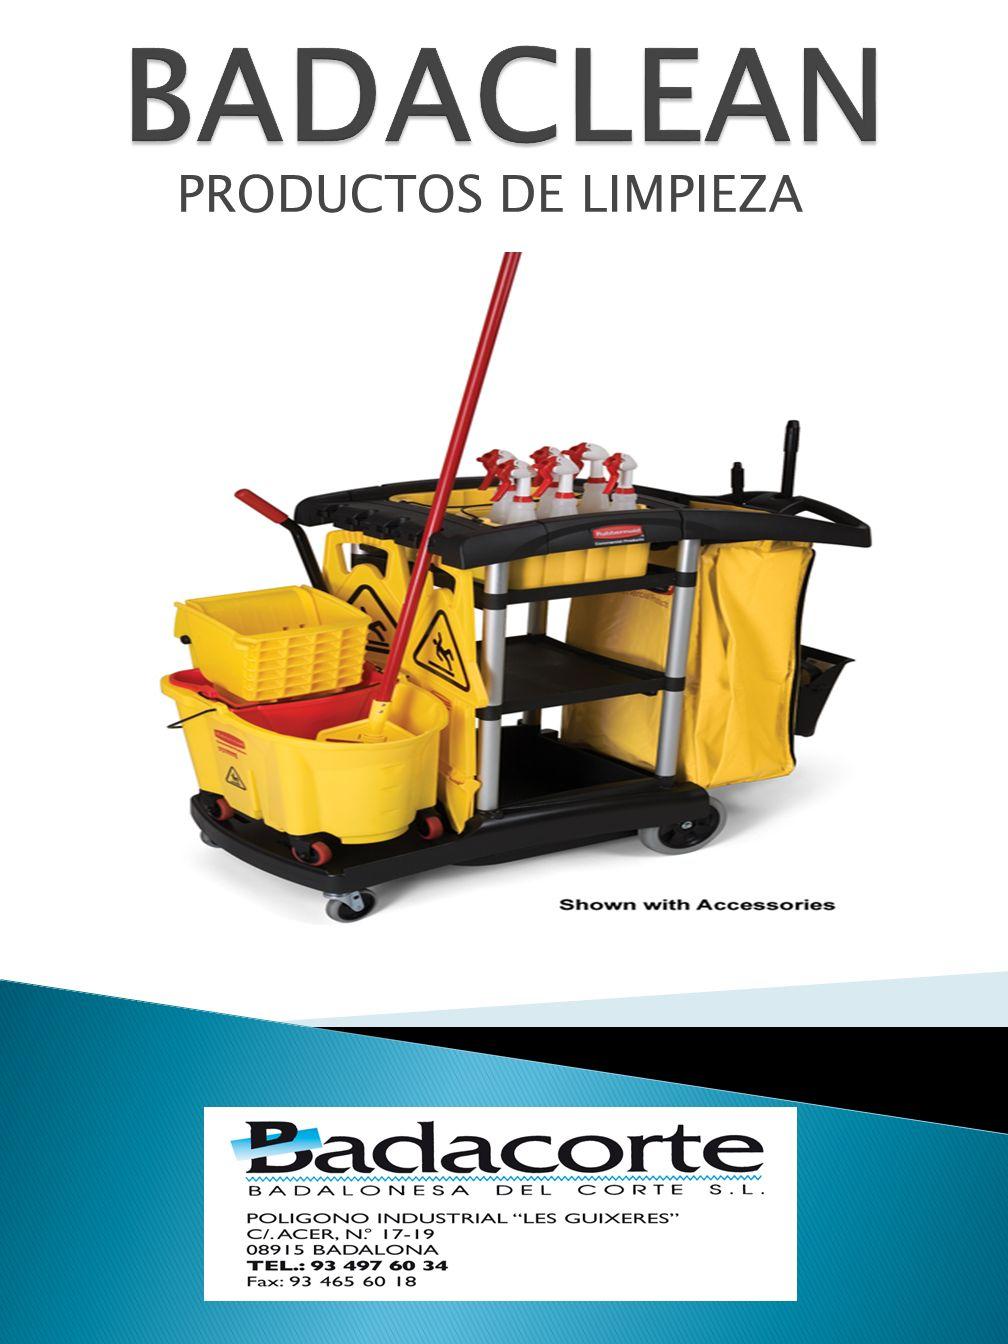 BADACLEAN PRODUCTOS DE LIMPIEZA